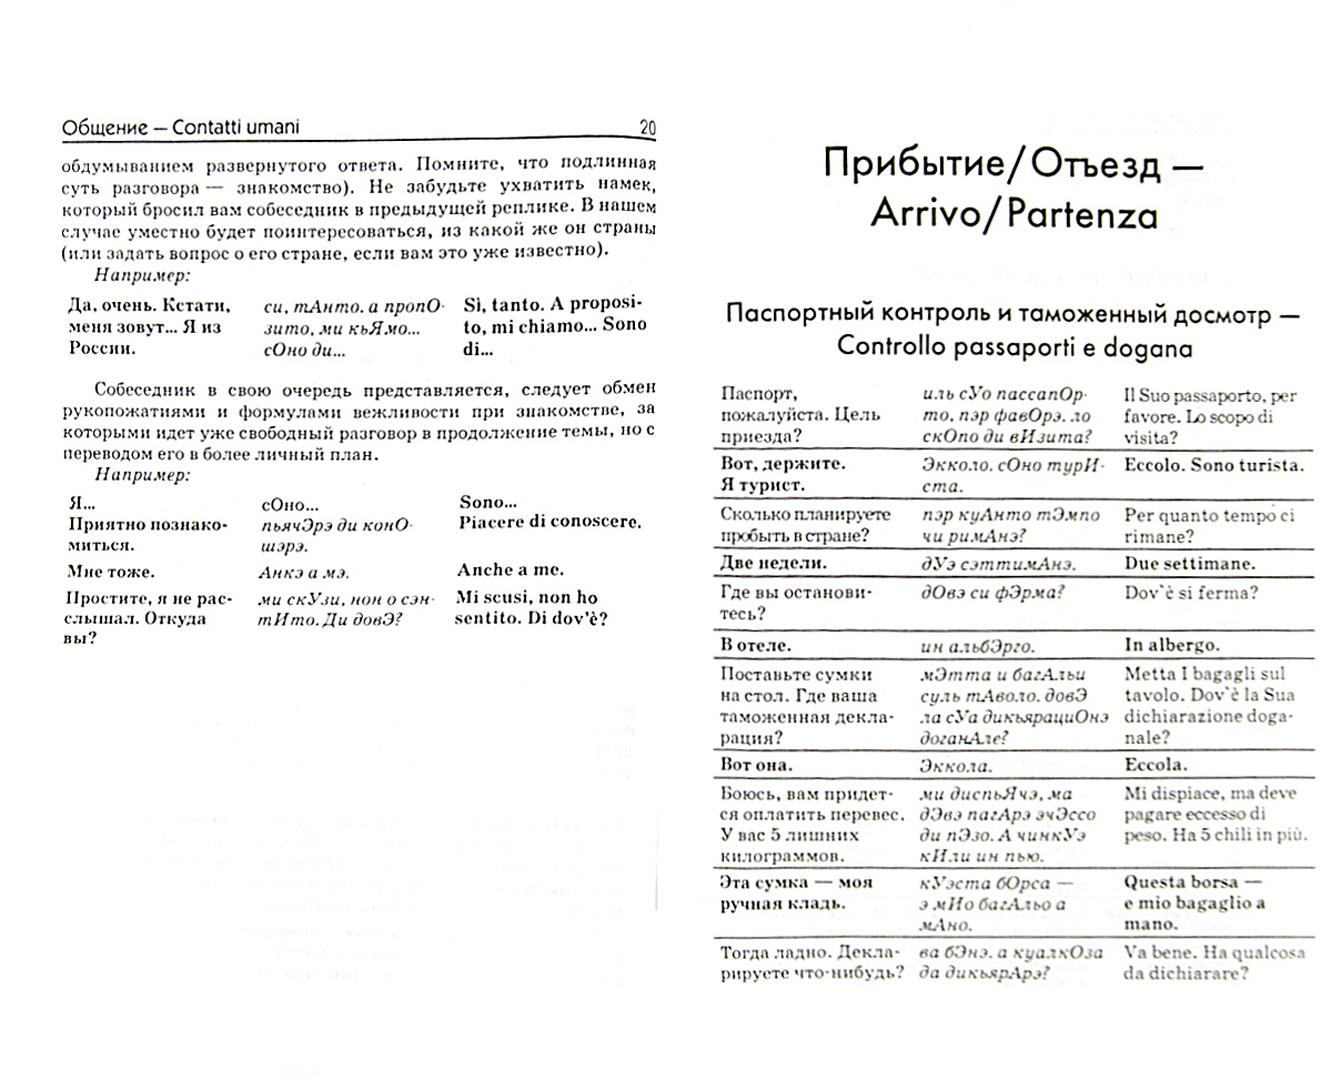 Иллюстрация 1 из 5 для Итальянский для путешественников - Евгения Ткаченко | Лабиринт - книги. Источник: Лабиринт